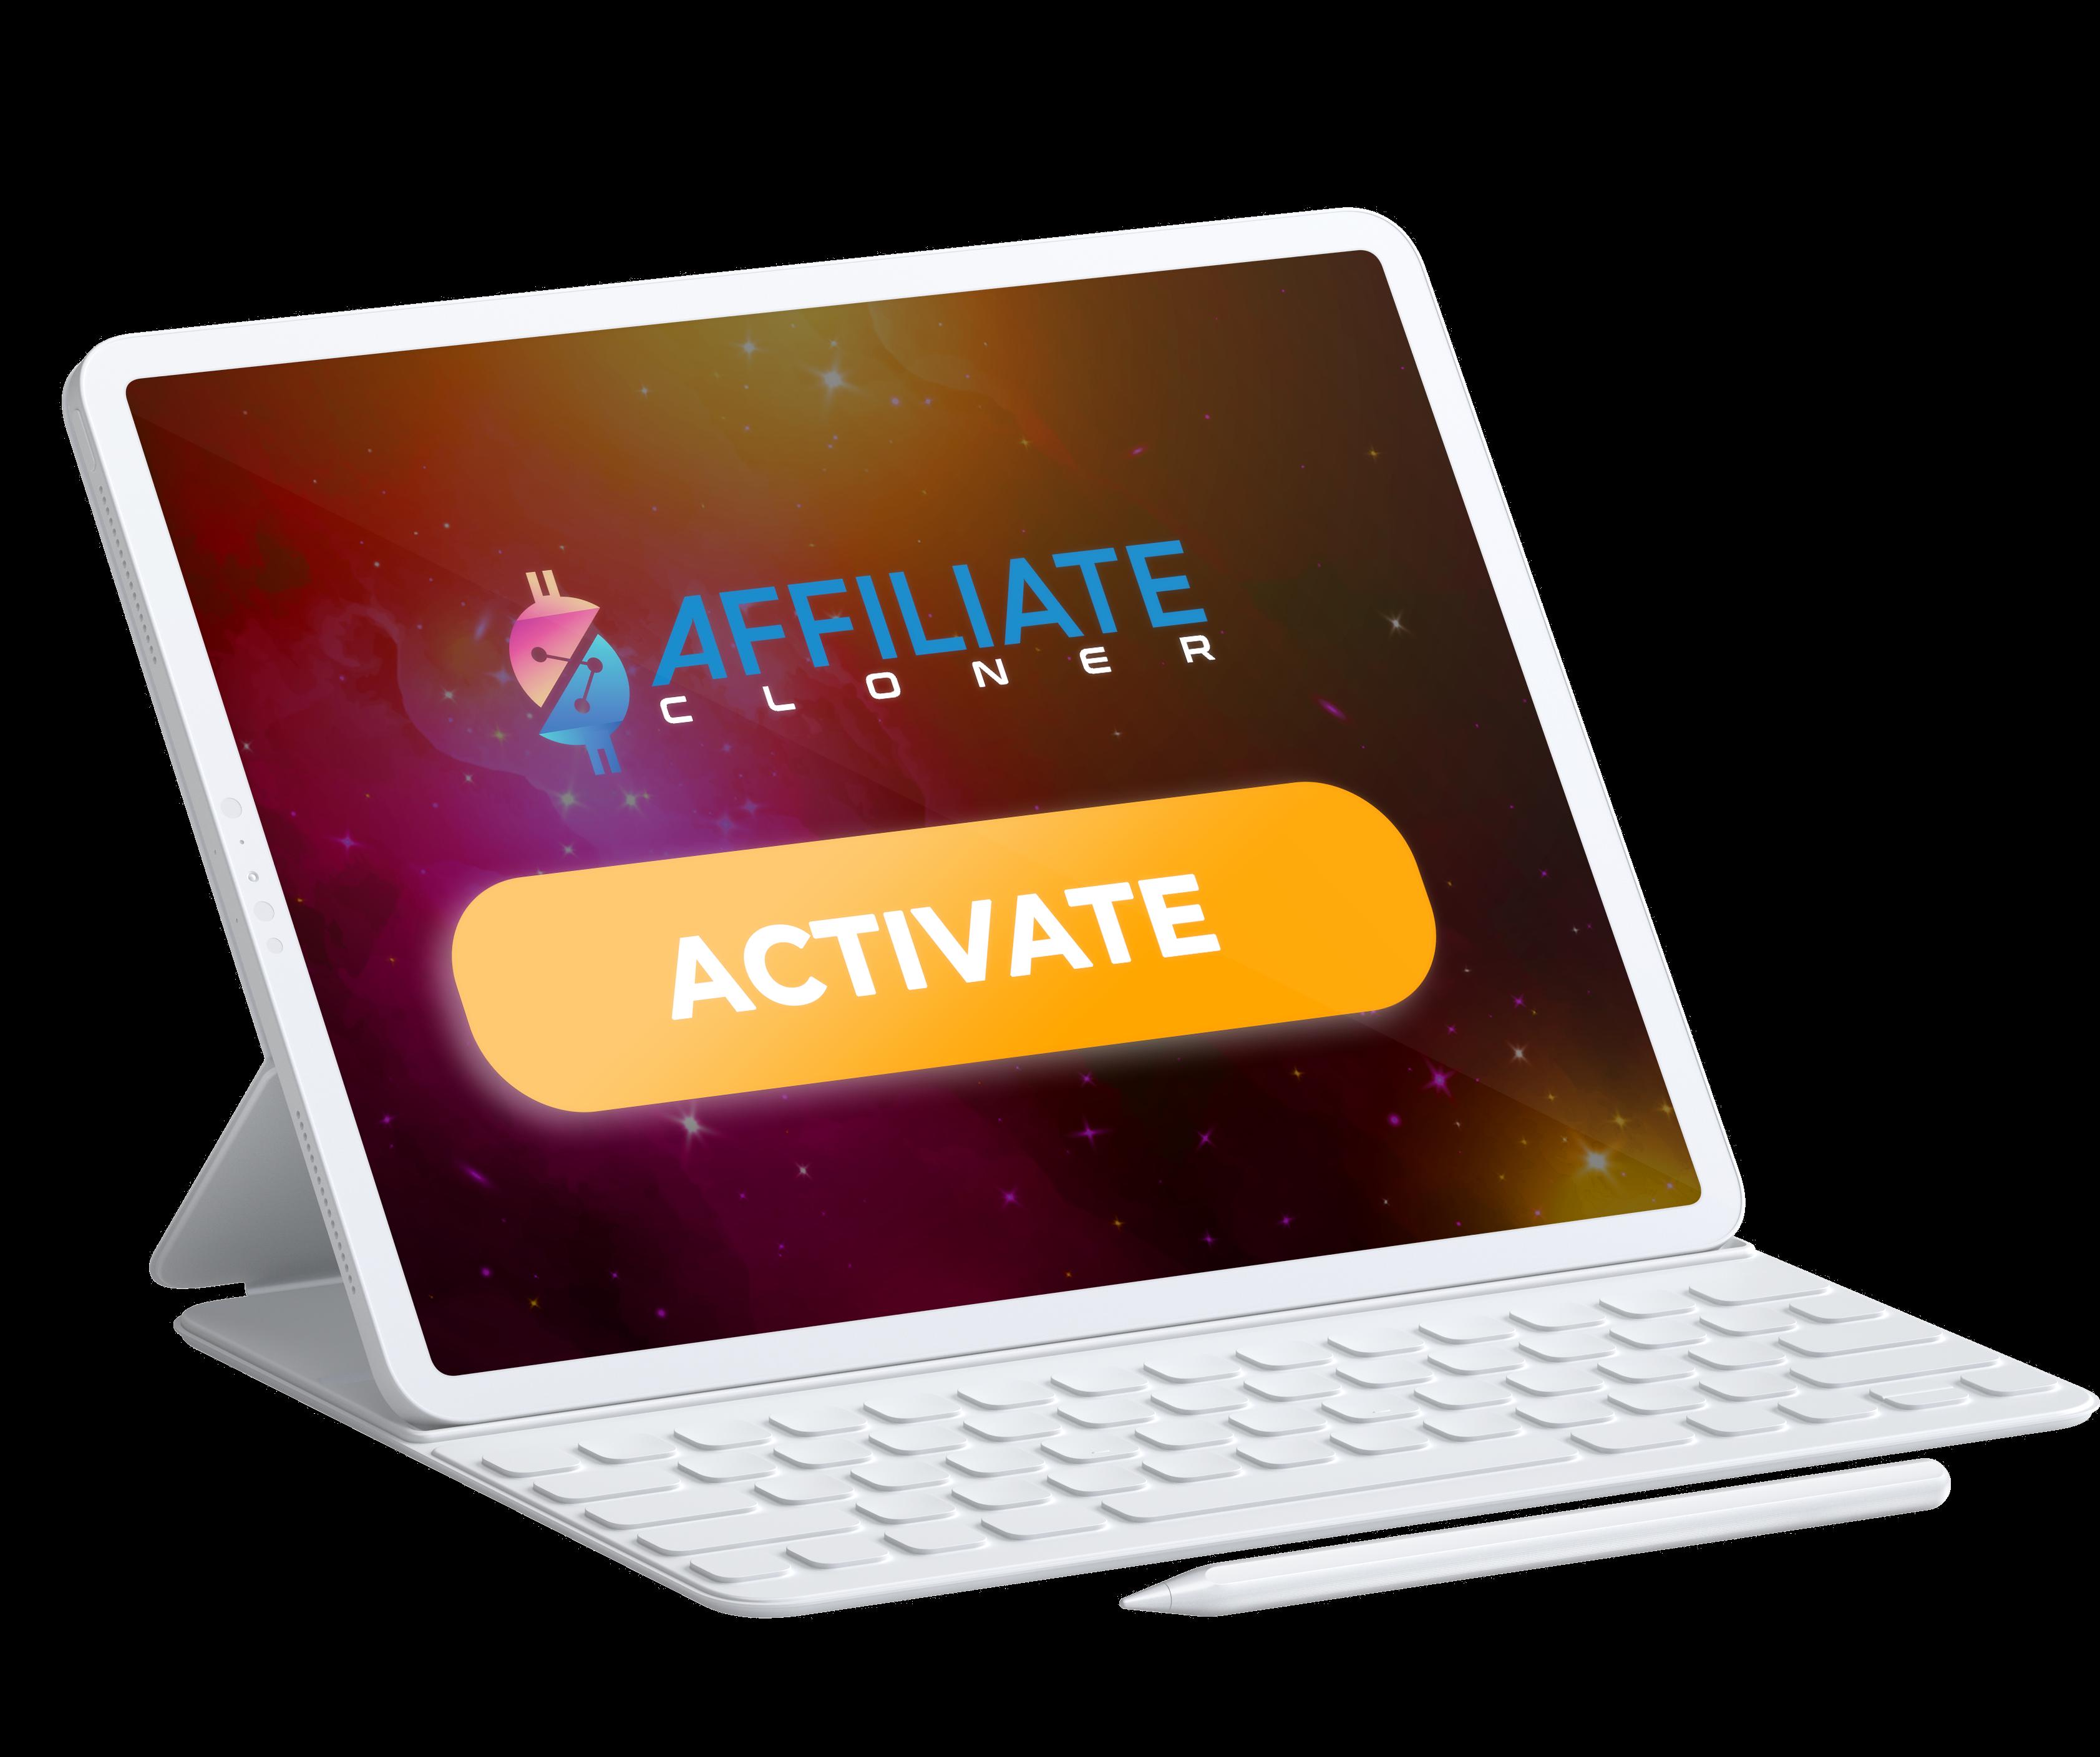 Affiliate Cloner Step 3 - Activate